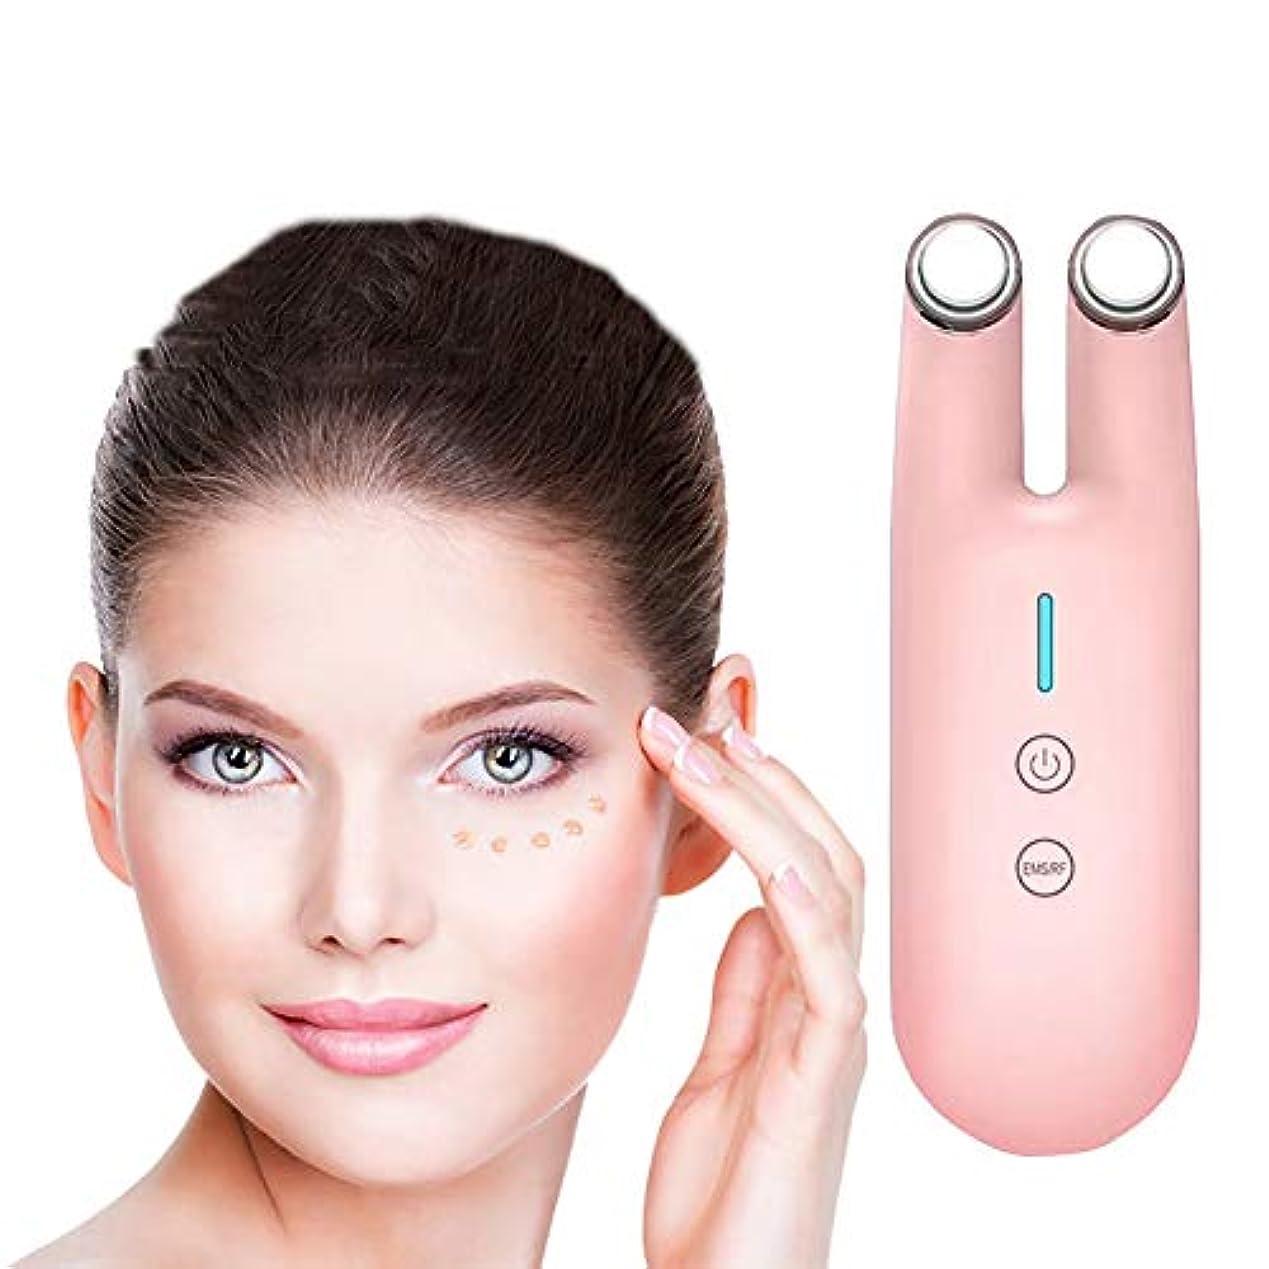 アイマッサージャー、ホームemsマイクロカレントアイシワ/フェイスリフティングプルバイオセンシング赤色光RF美容機器,ピンク